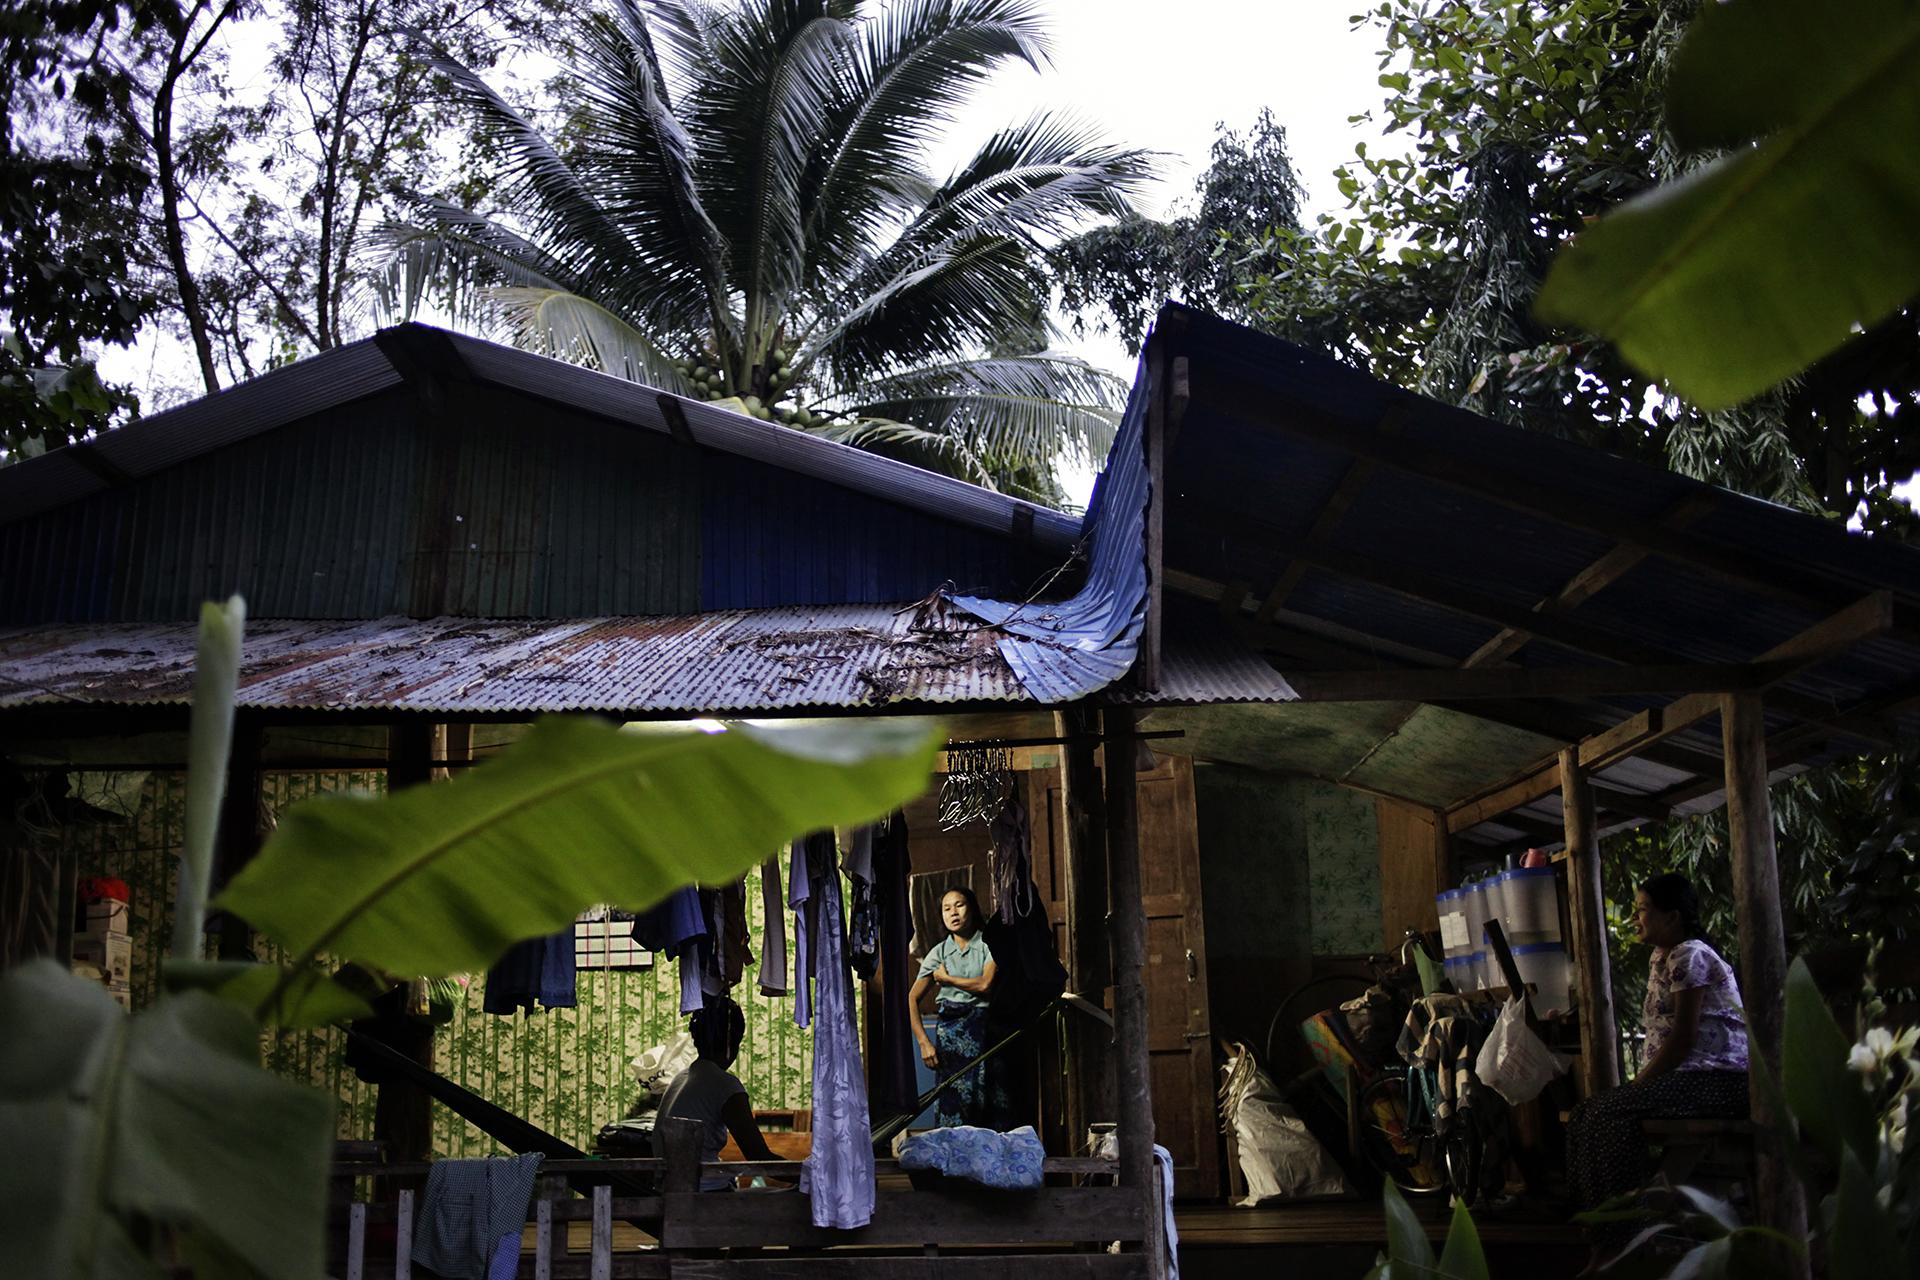 Des femmes séropositives dans un refuge mis à disposition par une ONG Birmane. Ces femmes sont souvent abandonnées par leurs maris après leurs diagnostics. Il existe des dizaines de refuges de ce genre autour de Mae Sot. La Birmanie a le troisième plus haut taux de prévalence du virus sida en Asie du Sud-Est. Le plus haut taux étant en Thaïlande. Mae Sot, Thaïlande, octobre 2013Safe house for HIV positive womens, Mae Sot. These womens are often abandonned by their husband and single mothers. Such shelters are common around Mae Sot. Burma has one of the hifghest rank of prevalence of HIV in south east Asia after the first one, Thailand. The disease is seen as shamefull and people know few about it.